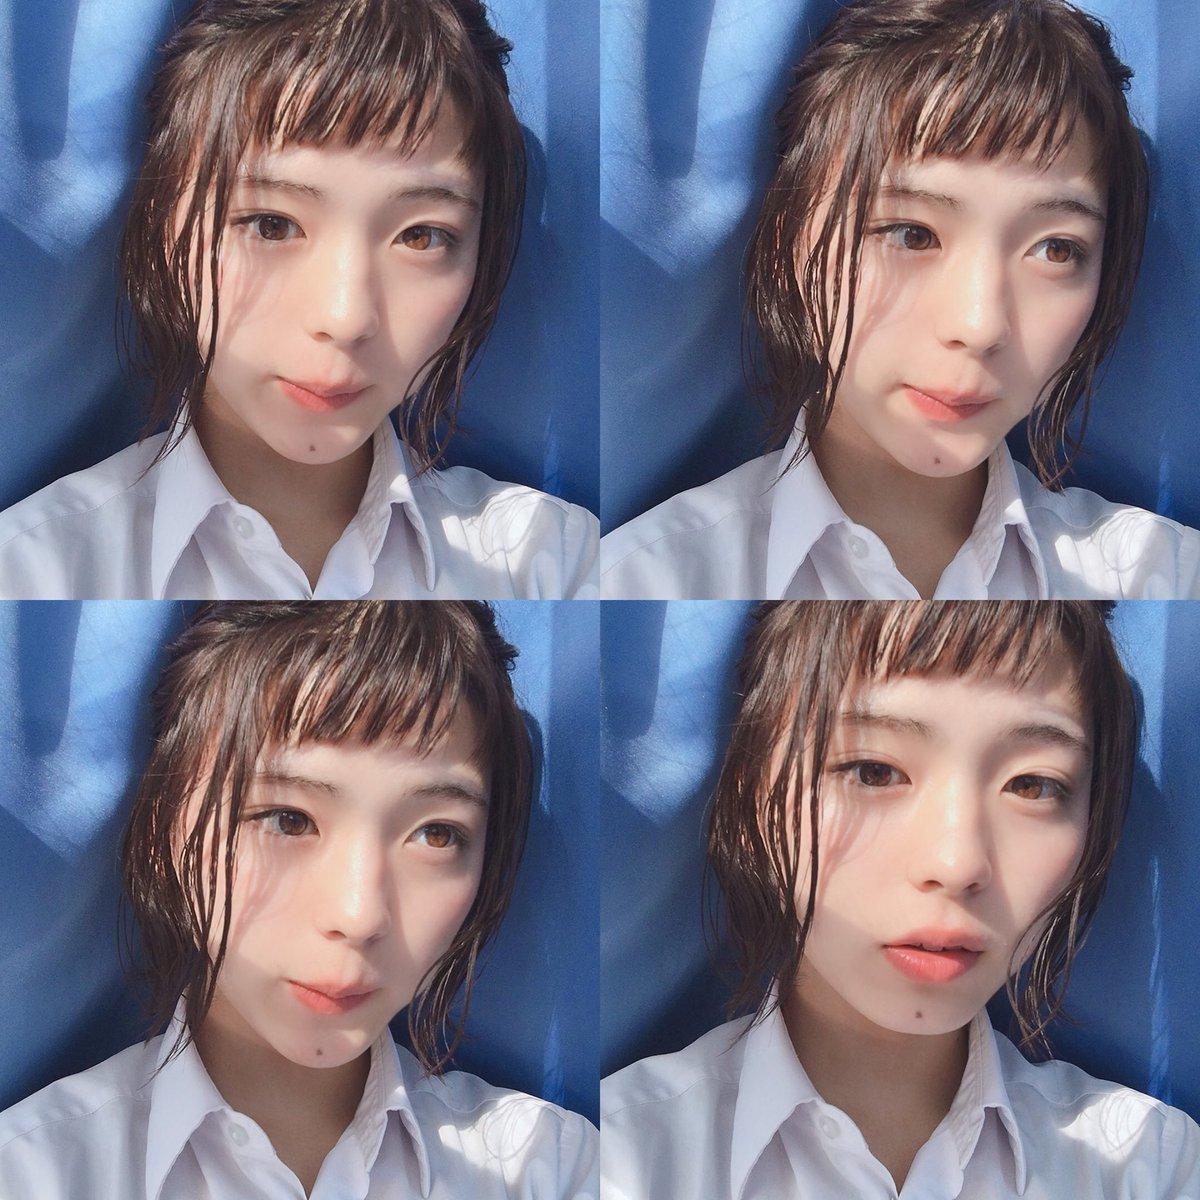 소녀처럼 보여서 악플에 시달린 한 일본 소년의